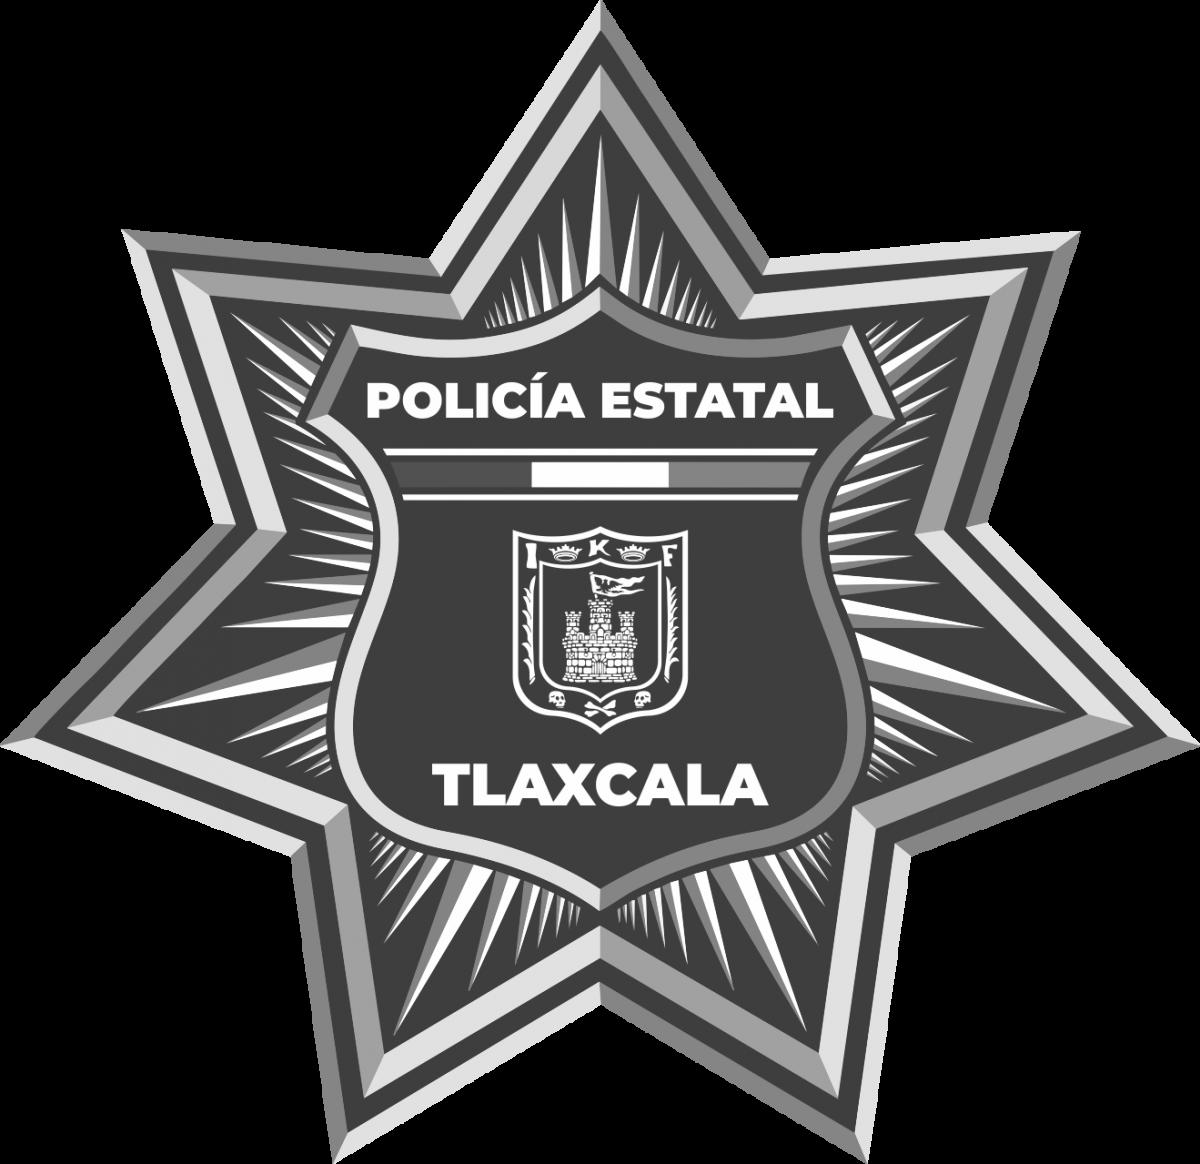 LA SSC PARTICIPA EN LA ENTREGA DE REGISTRO ANTE EL SESNSP DE LOS MUNICIPIOS DE TOLUCA Y TEHUACÁN